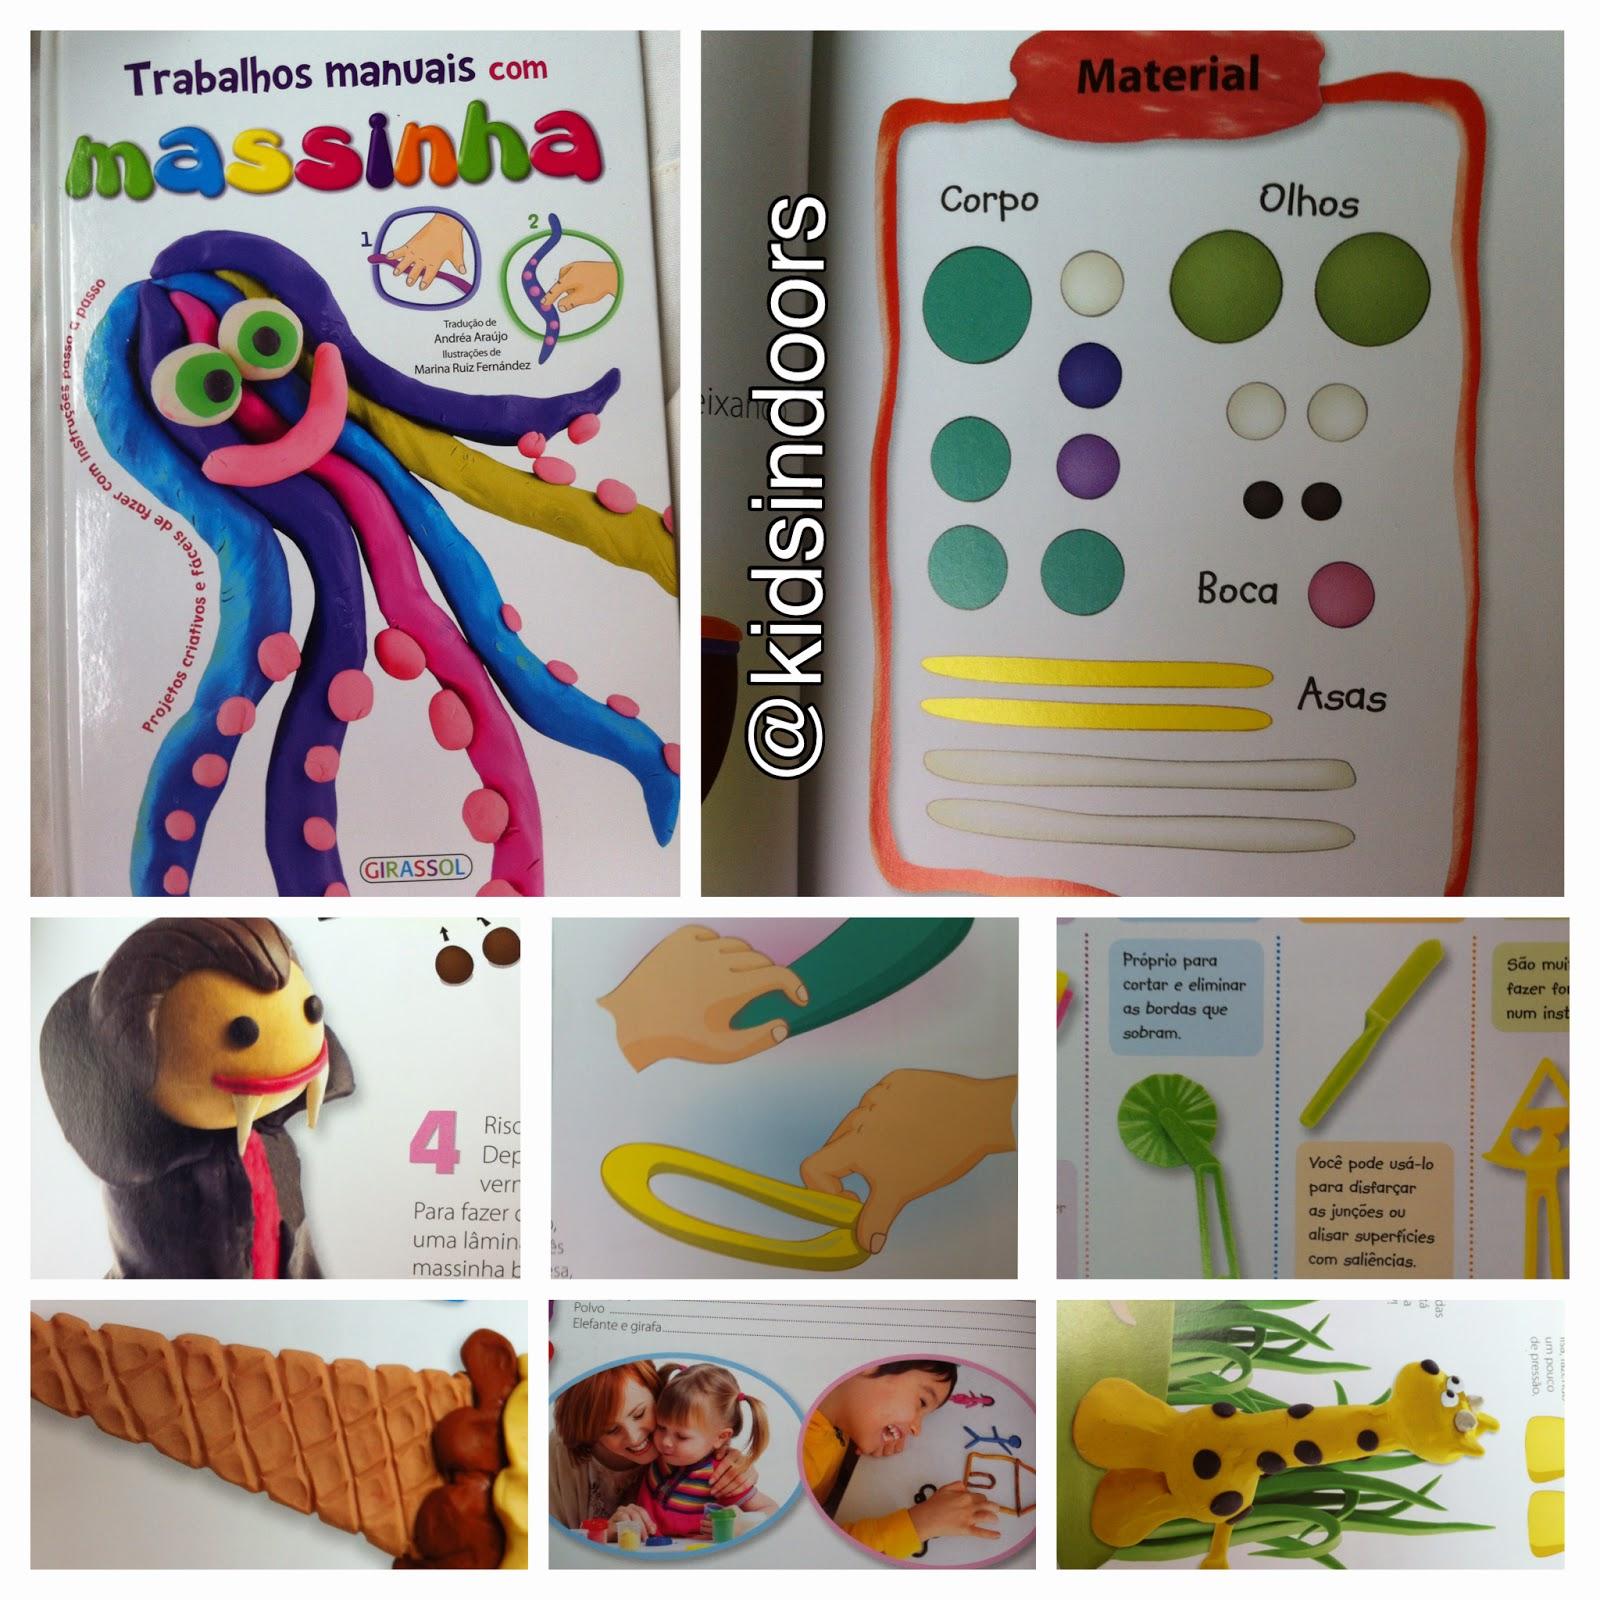 Extremamente Trabalhos Manuais com da Editora Girassol | KIDS INDOORS LF11